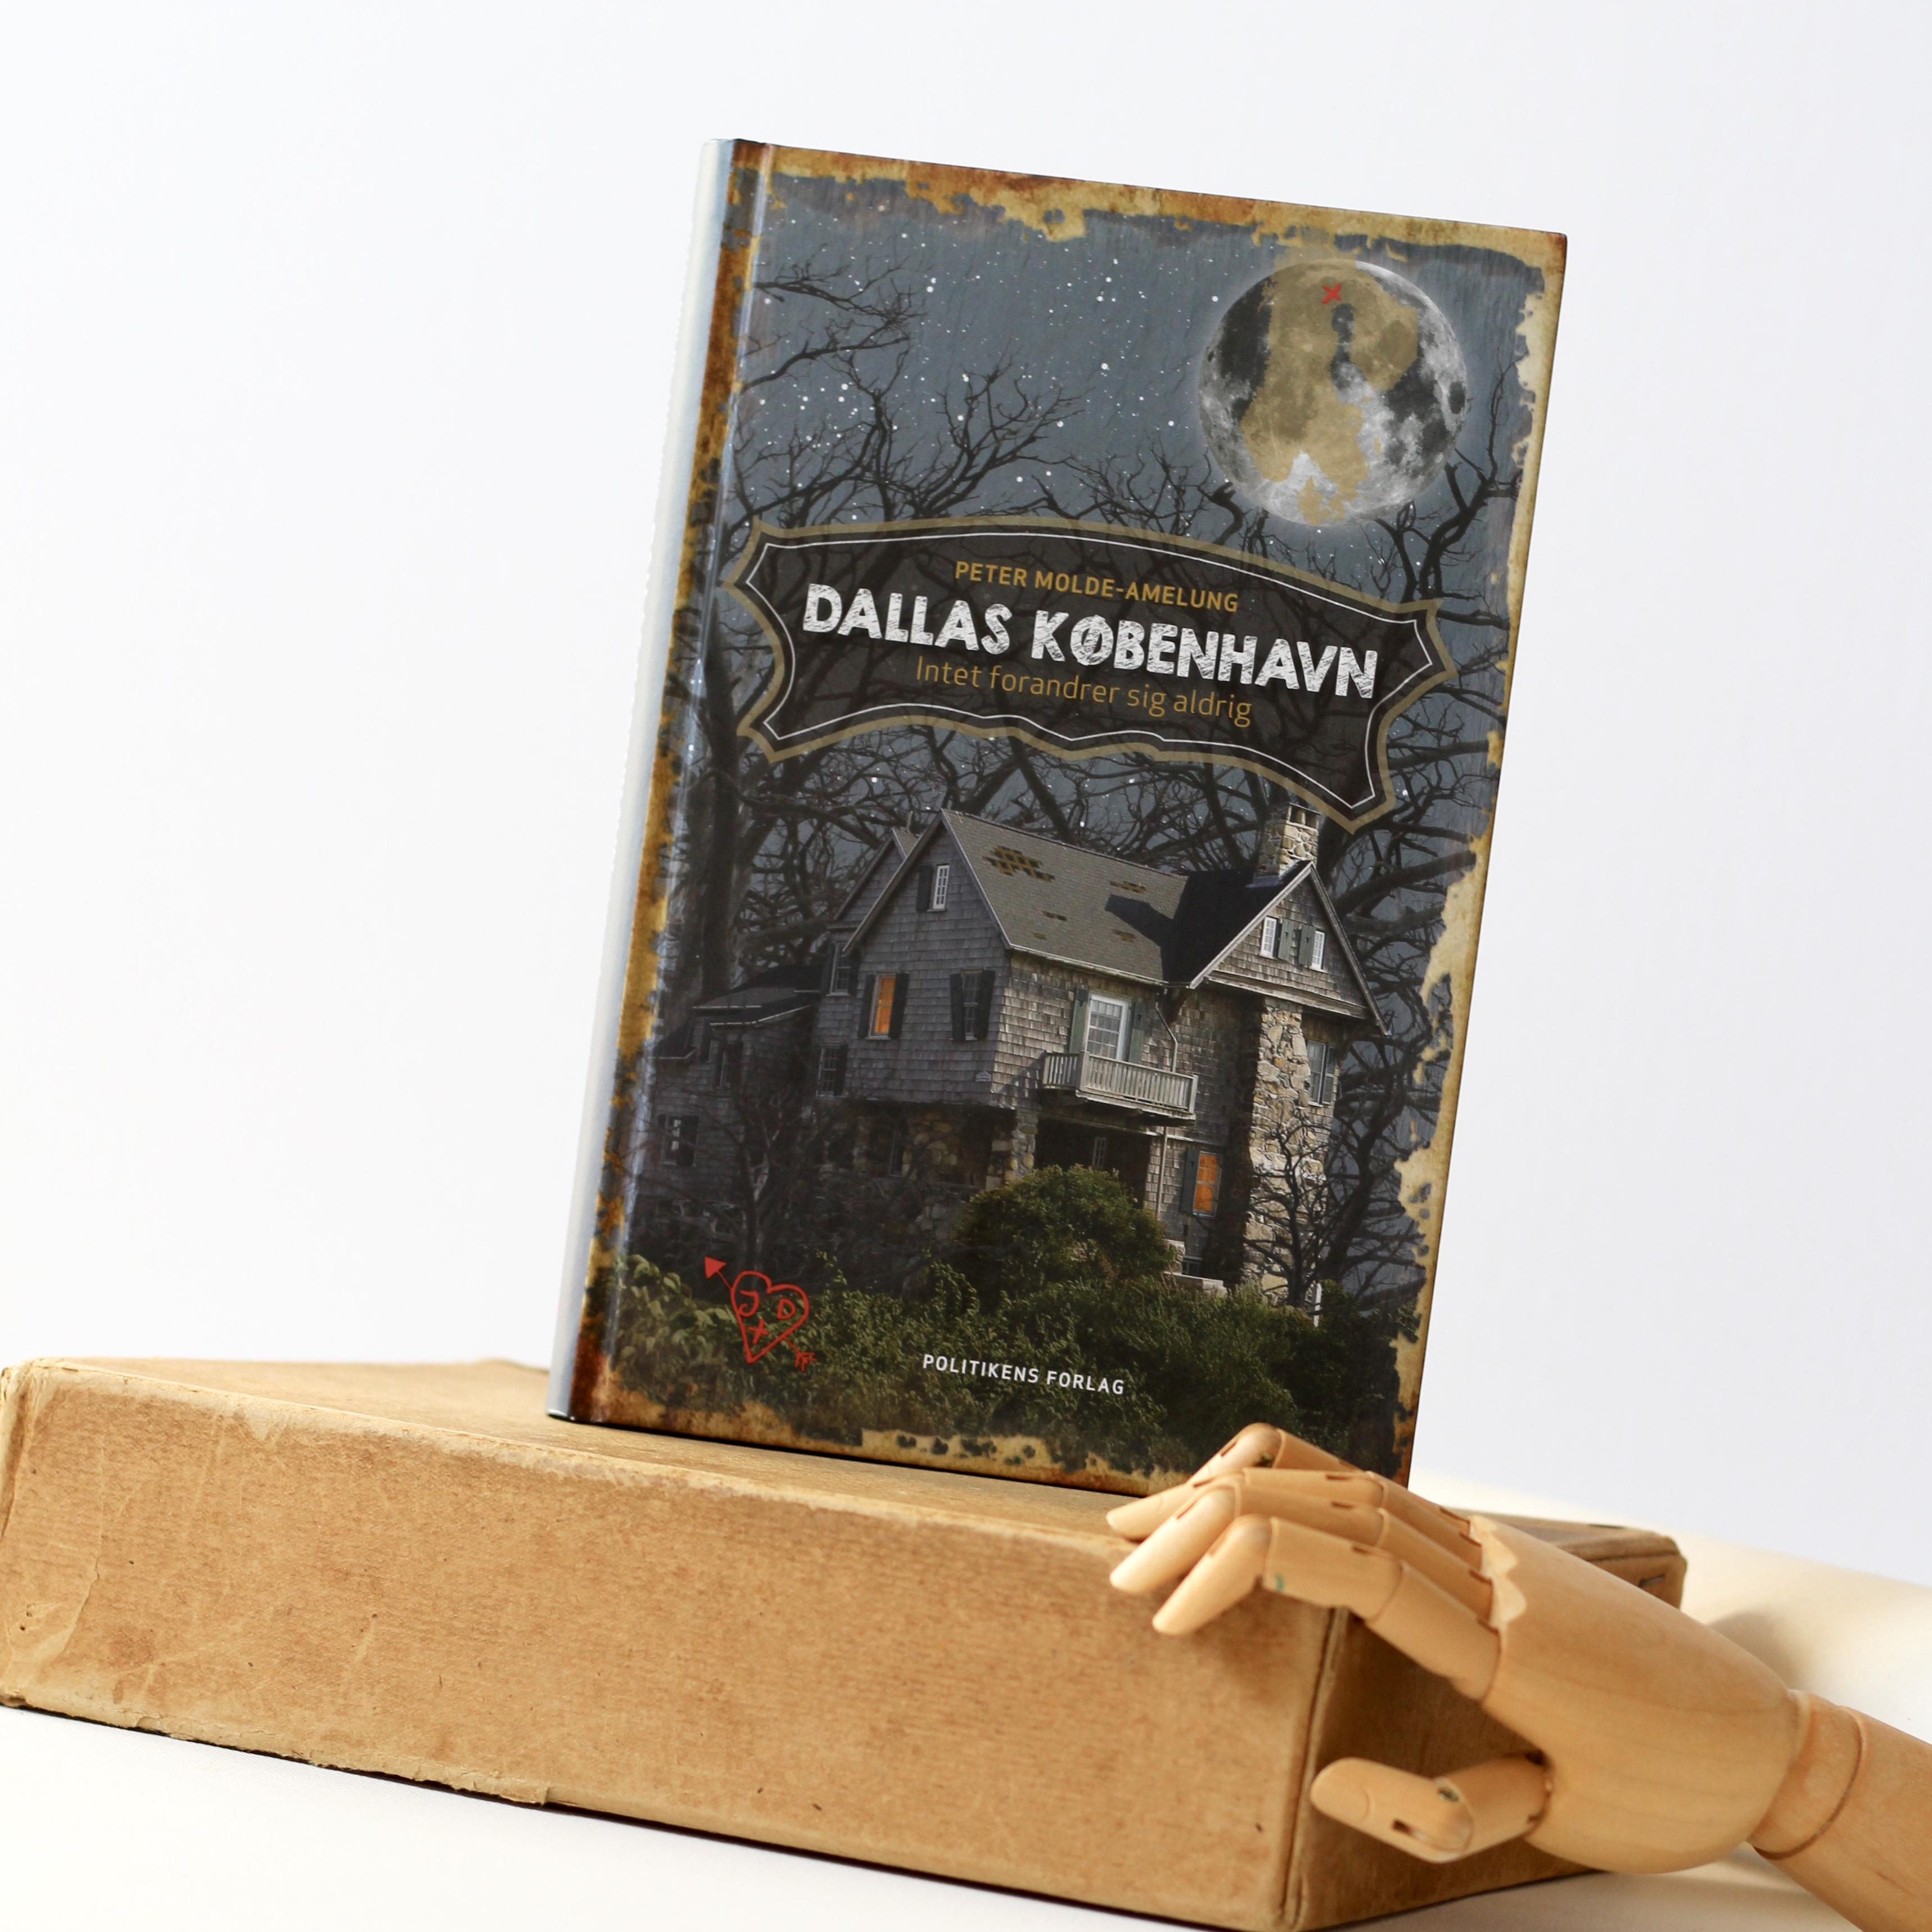 Dallas København, Peter Molde-Amelung